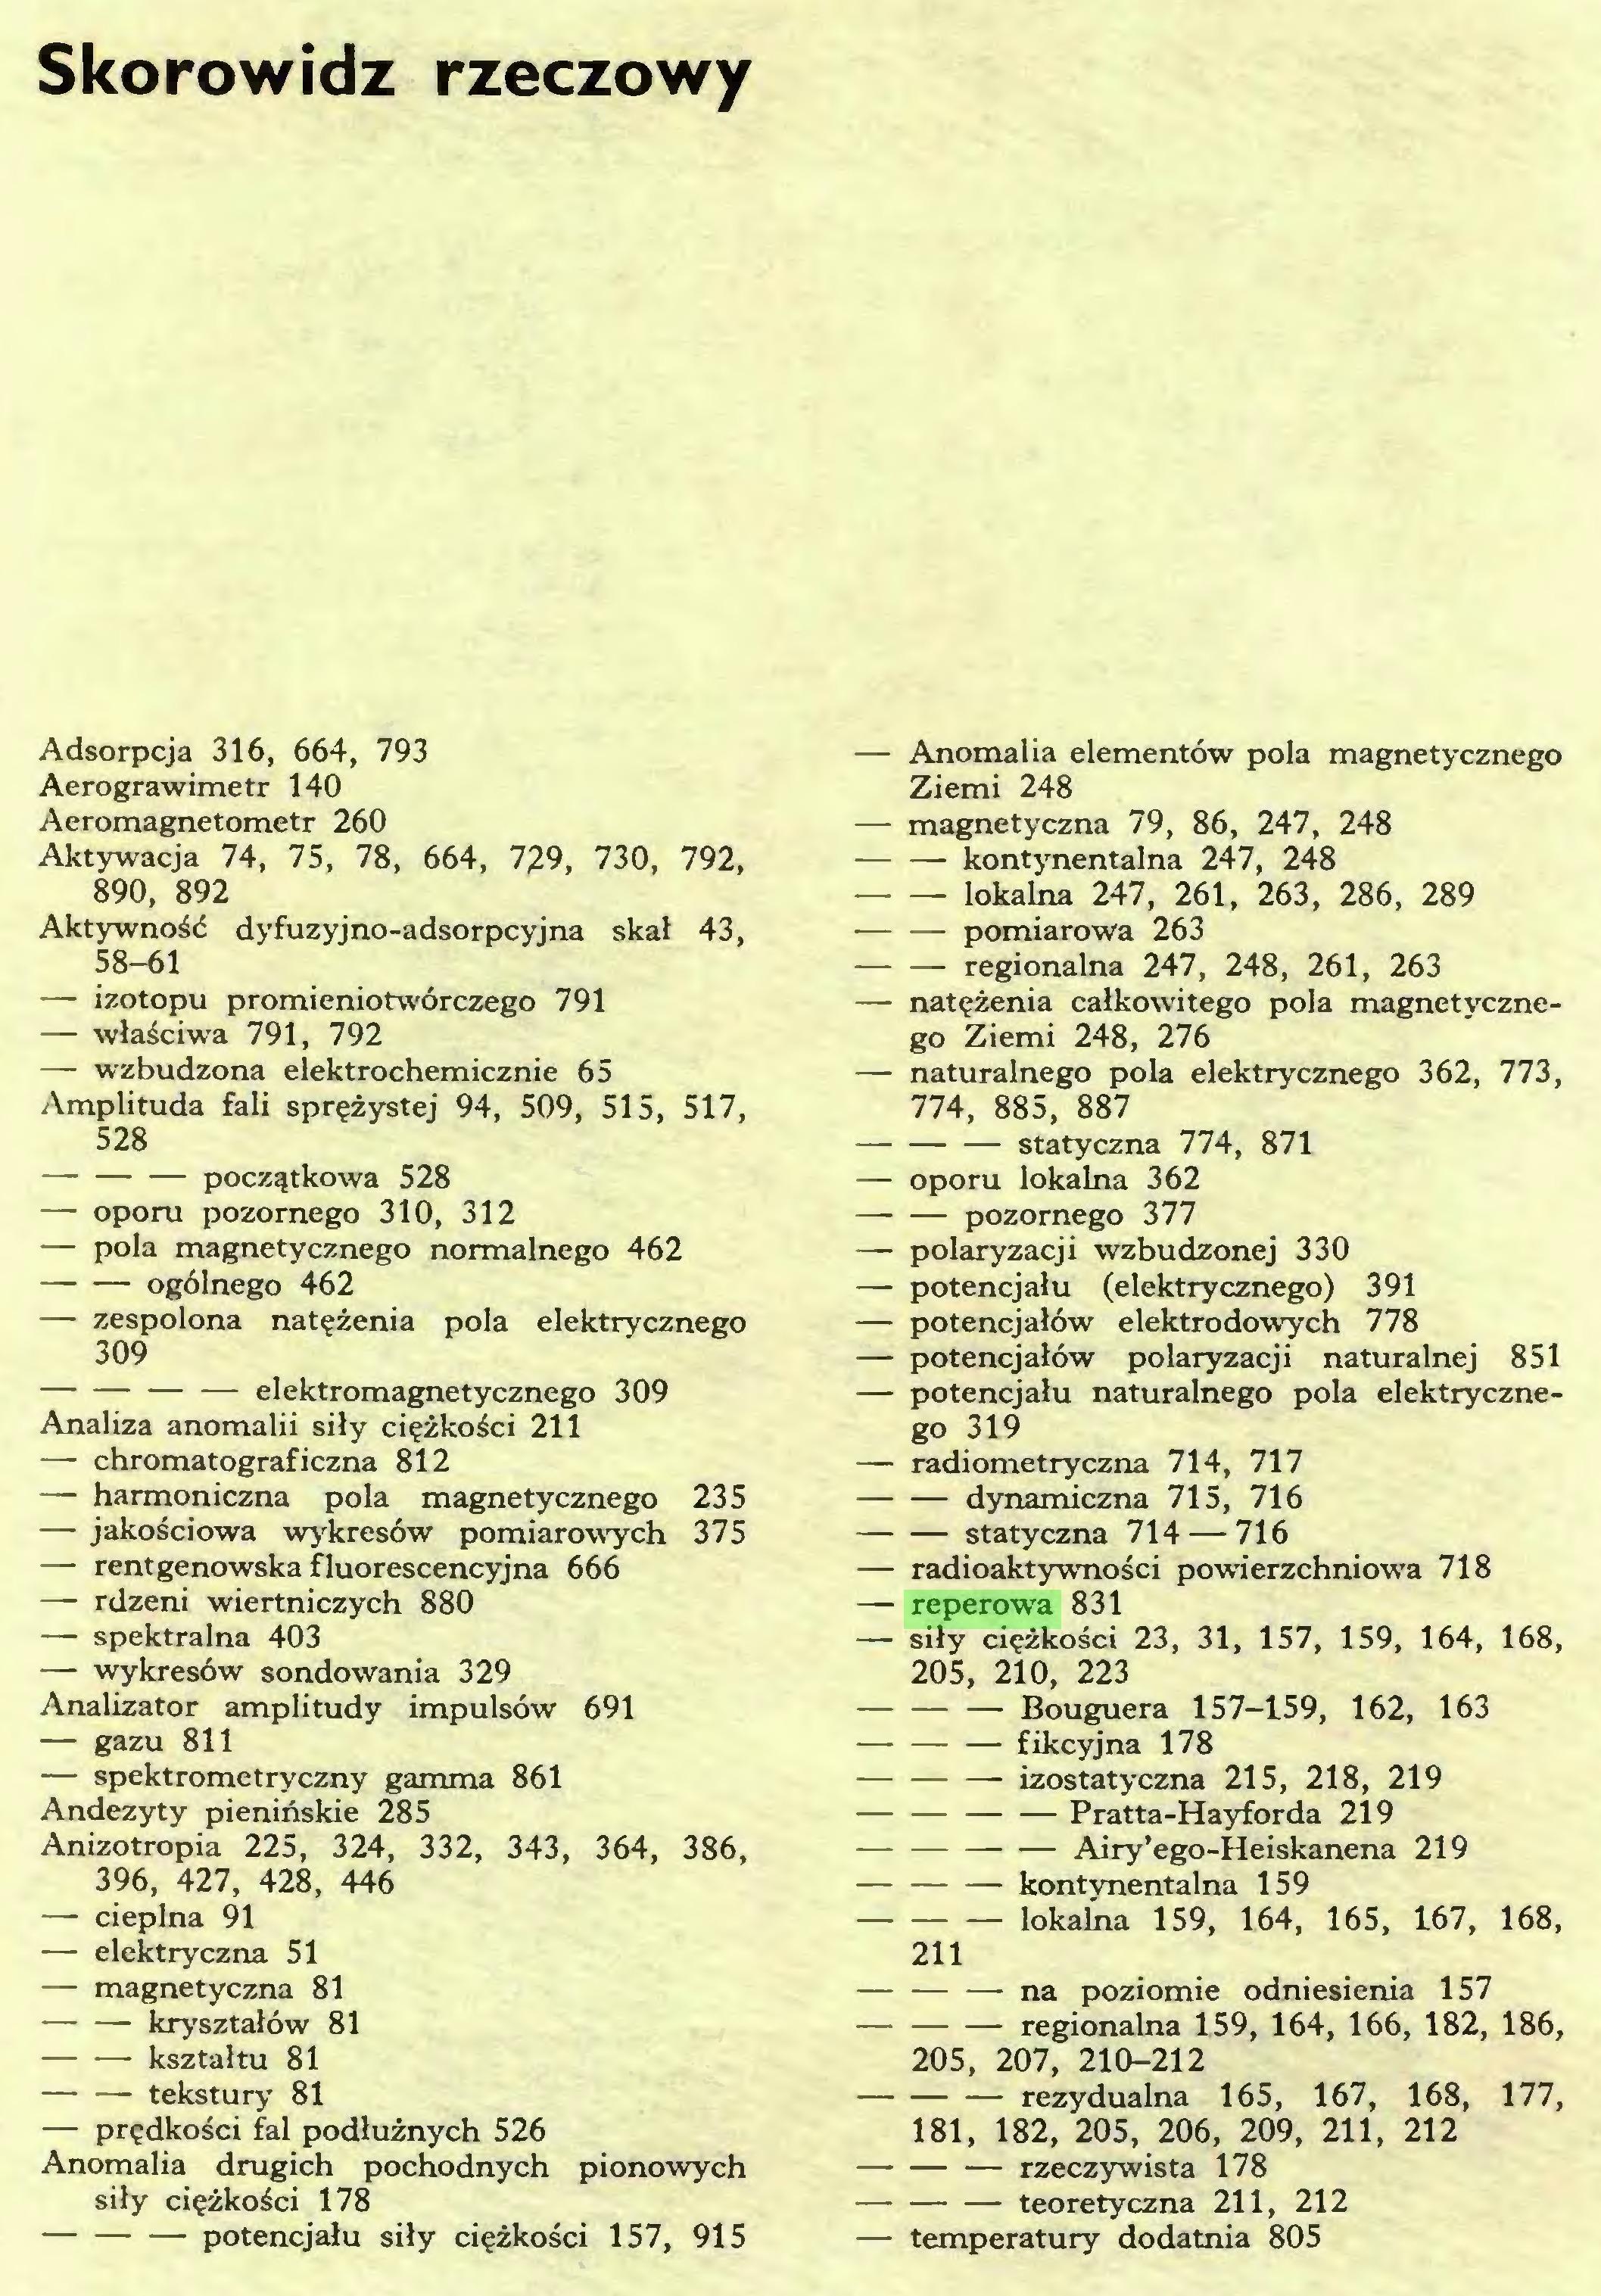 (...) Skorowidz rzeczowy Adsorpcja 316, 664, 793 Aerograwimetr 140 Aeromagnetometr 260 Aktywacja 74, 75, 78, 664, 729, 730, 792, 890, 892 Aktywność dyfuzyjno-adsorpcyjna skał 43, 58-61 — izotopu promieniotwórczego 791 — właściwa 791, 792 — wzbudzona elektrochemicznie 65 Amplituda fali sprężystej 94, 509, 515, 517, 528 początkowa 528 — oporu pozornego 310, 312 — pola magnetycznego normalnego 462 ogólnego 462 — zespolona natężenia pola elektrycznego 309 elektromagnetycznego 309 Analiza anomalii siły ciężkości 211 — chromatograficzna 812 — harmoniczna pola magnetycznego 235 — jakościowa wykresów pomiarowych 375 — rentgenowska fluorescencyjna 666 —- rdzeni wiertniczych 880 — spektralna 403 — wykresów sondowania 329 Analizator amplitudy impulsów 691 — gazu 811 — spektrometryczny gamma 861 Andezyty pienińskie 285 Anizotropia 225, 324, 332, 343, 364, 386, 396, 427, 428, 446 — cieplna 91 — elektryczna 51 — magnetyczna 81 kryształów 81 kształtu 81 — — tekstury 81 — prędkości fal podłużnych 526 Anomalia drugich pochodnych pionowych siły ciężkości 178 potencjału siły ciężkości 157, 915 — Anomalia elementów pola magnetycznego Ziemi 248 — magnetyczna 79, 86, 247, 248 kontynentalna 247, 248 lokalna 247, 261, 263, 286, 289 pomiarowa 263 regionalna 247, 248, 261, 263 — natężenia całkowitego pola magnetycznego Ziemi 248, 276 —- naturalnego pola elektrycznego 362, 773, 774, 885, 887 statyczna 774, 871 — oporu lokalna 362 —• — pozornego 377 — polaryzacji wzbudzonej 330 — potencjału (elektrycznego) 391 — potencjałów elektrodowych 778 — potencjałów polaryzacji naturalnej 851 — potencjału naturalnego pola elektrycznego 319 — radiometryczna 714, 717 dynamiczna 715, 716 statyczna 714 — 716 — radioaktywności powierzchniowa 718 — reperowa 831 — siły ciężkości 23, 31, 157, 159, 164, 168, 205, 210, 223 Bouguera 157-159, 162, 163 fikcyjna 178 izostatyczna 215, 218, 219 Pratta-Hayforda 219 — Airy'ego-Heiskanena 219 kontynentalna 159 lokalna 159, 164, 165, 167, 168, 211 na poziomie odniesienia 15